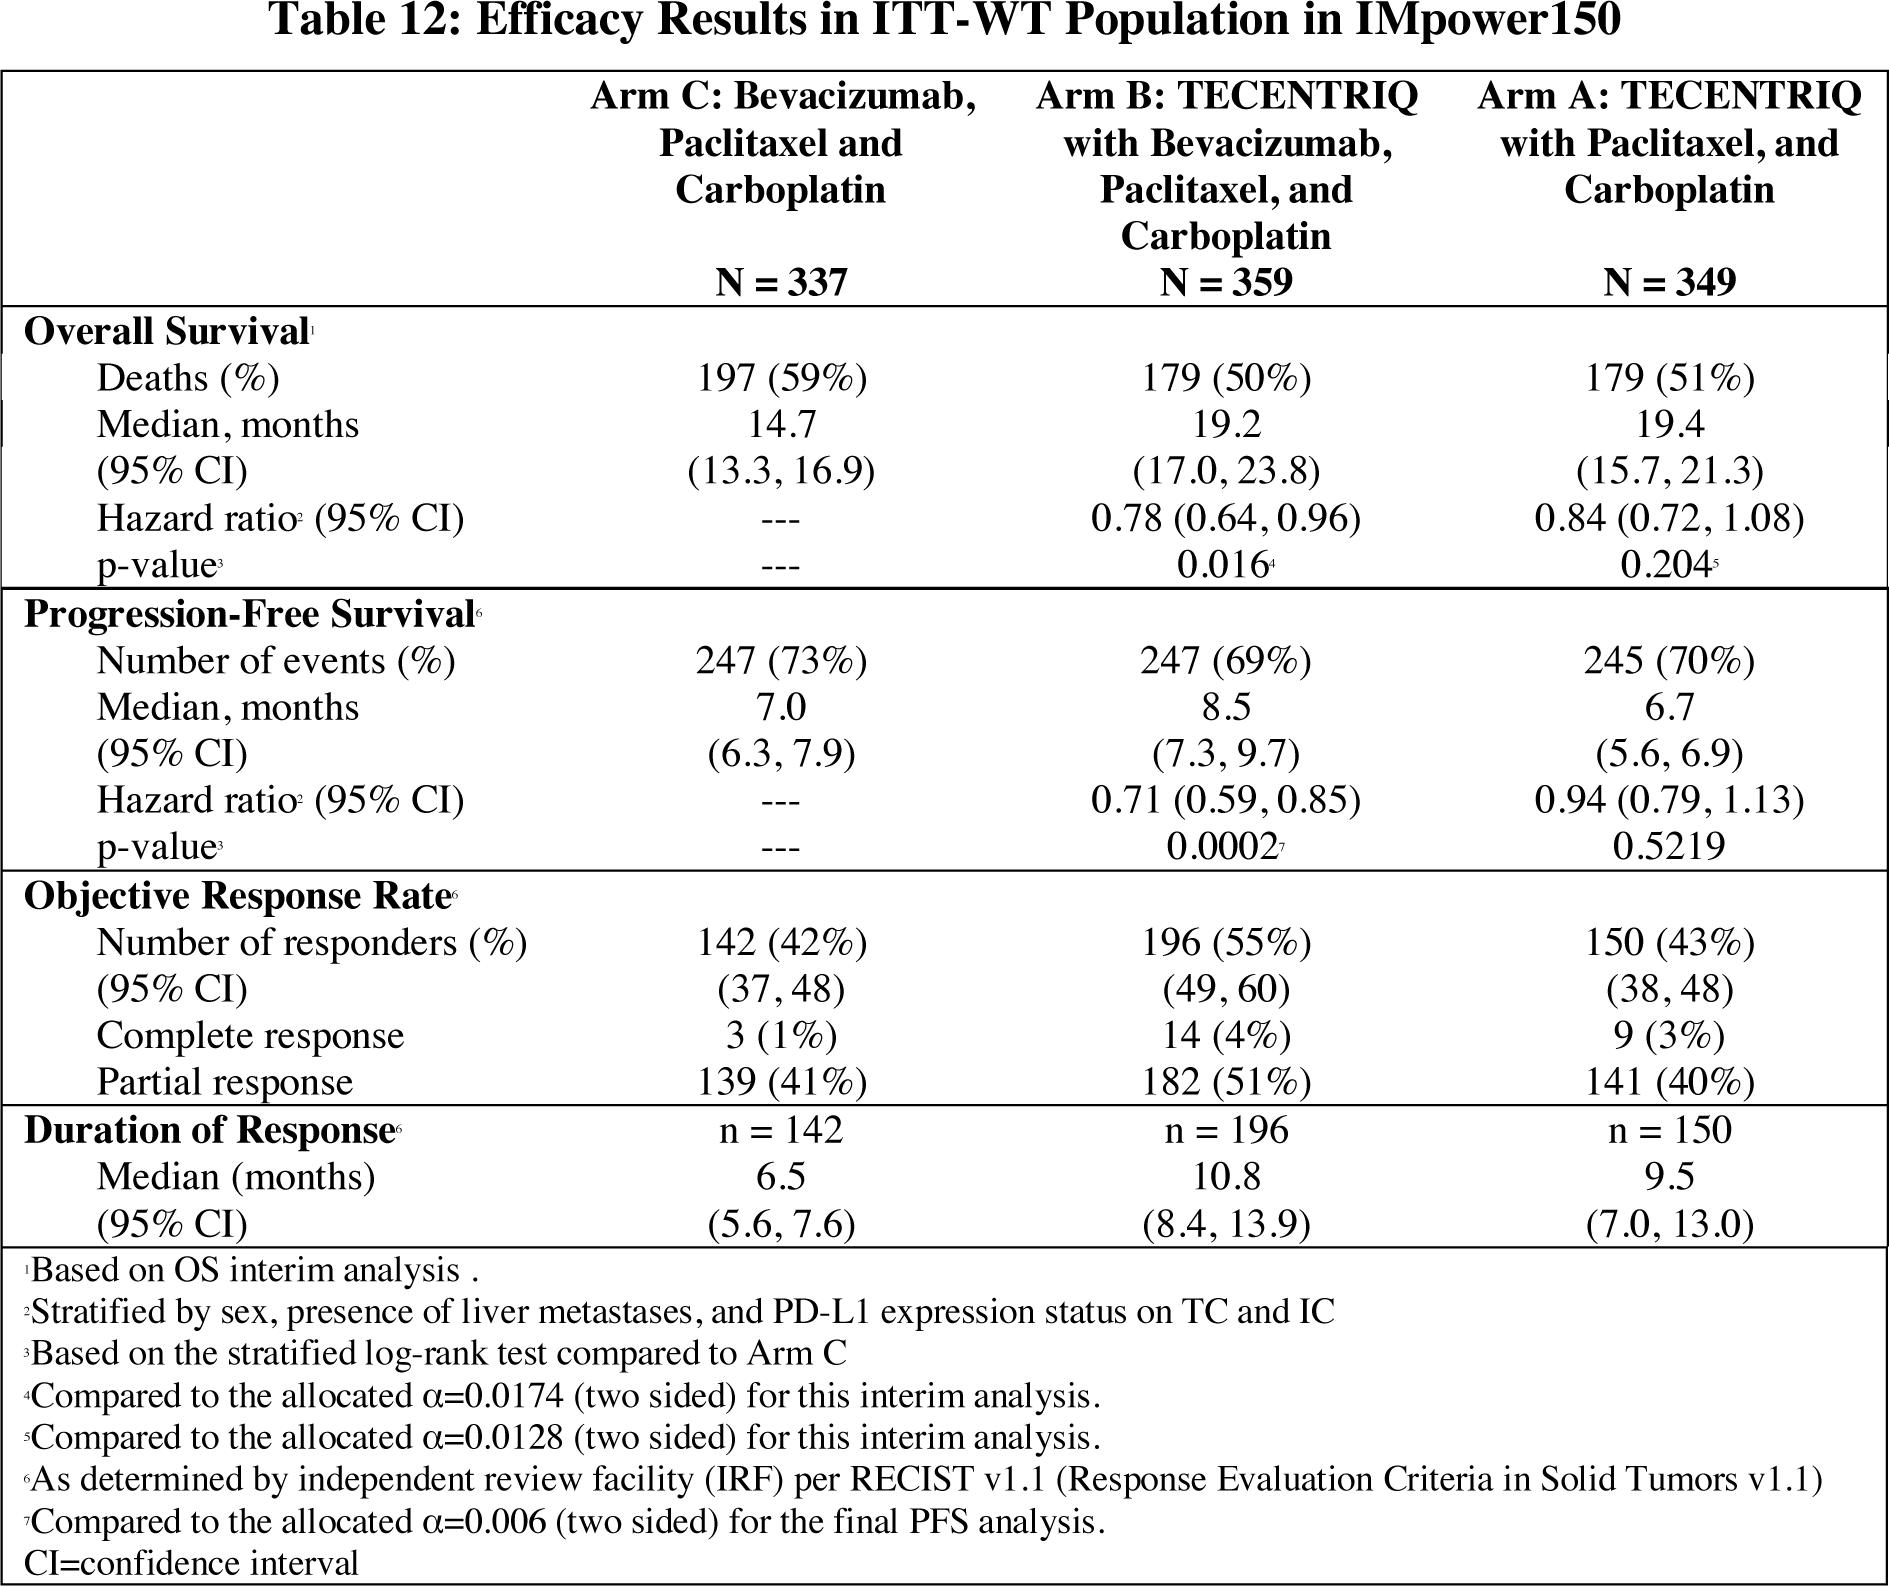 tecentriq impower 150 results 01 - Первоочередное лечение немелкоклеточного рака легких: «Тецентрик» с «Авастином» и химиопрепаратами